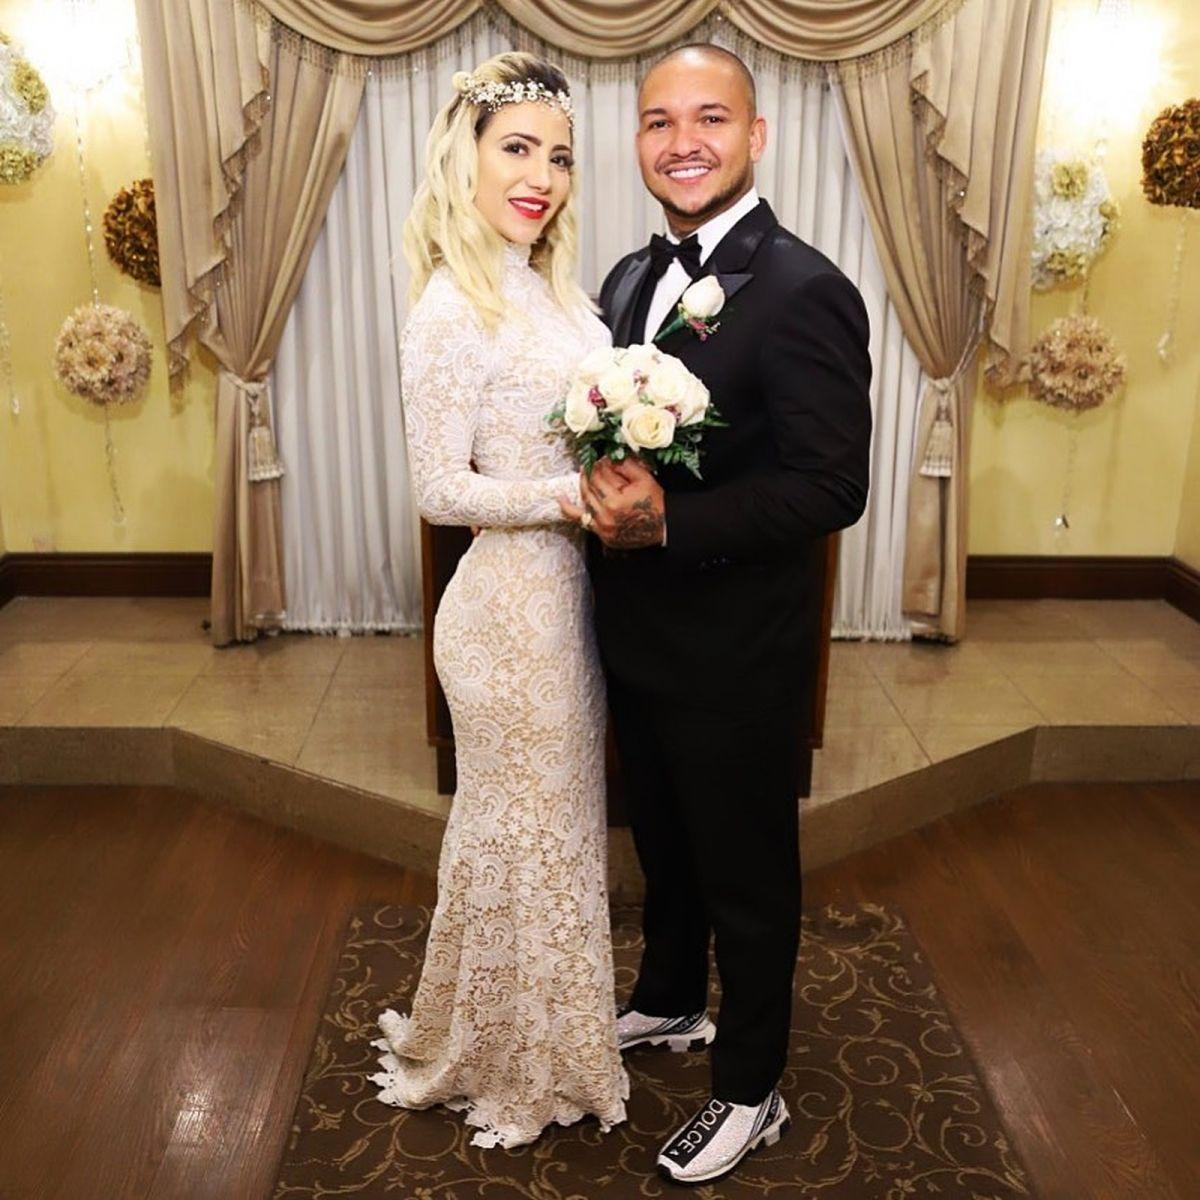 Suel se casou com Vanessa Muniz em Las Vegas e estão à espera de Jordan — Foto: Reprodução/Instagram